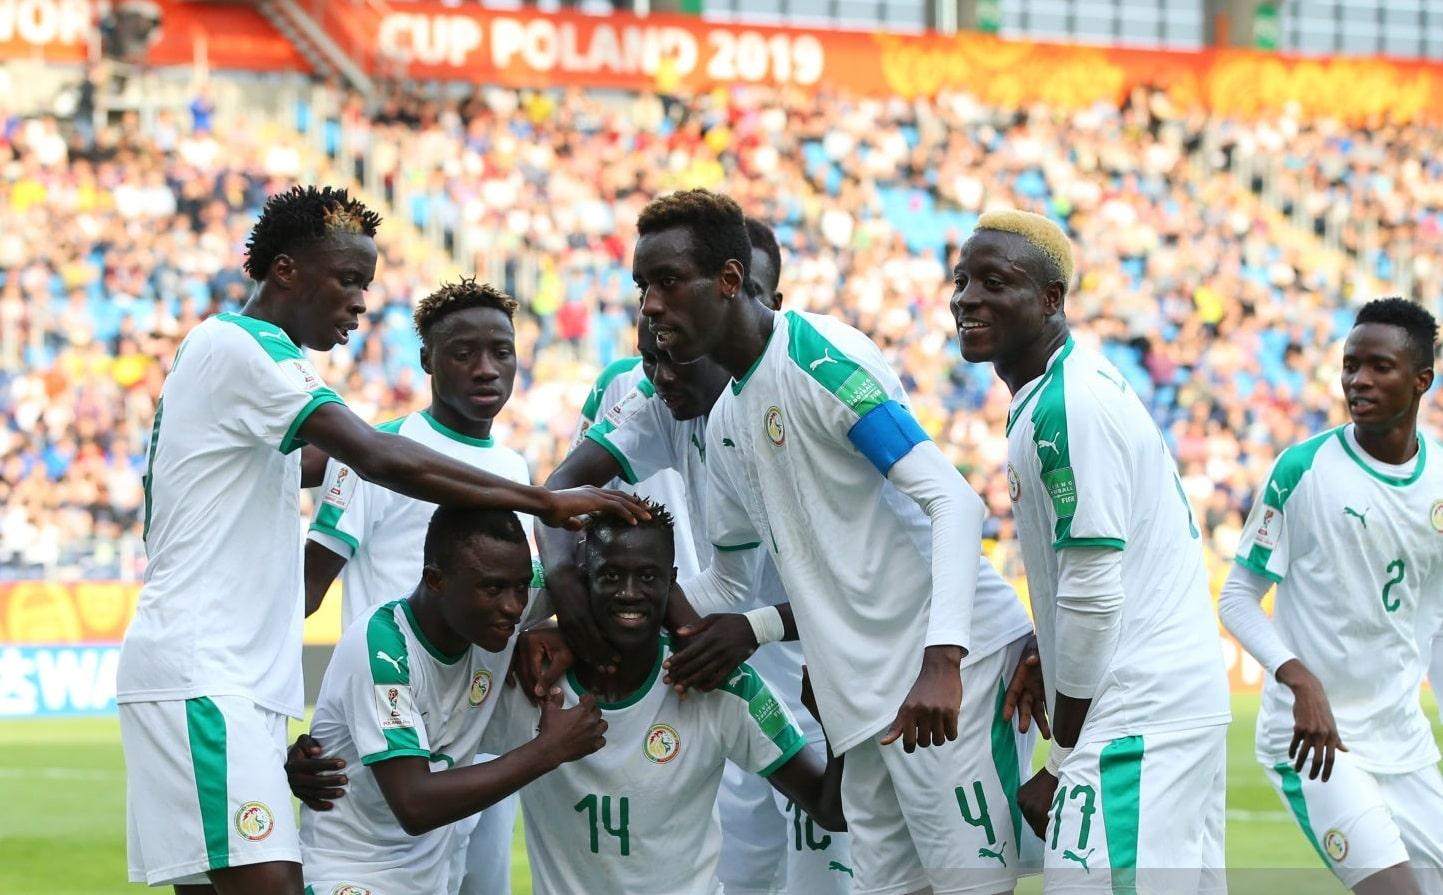 CM U20 - Sénégal vs Pologne : Gagner pour la première place !